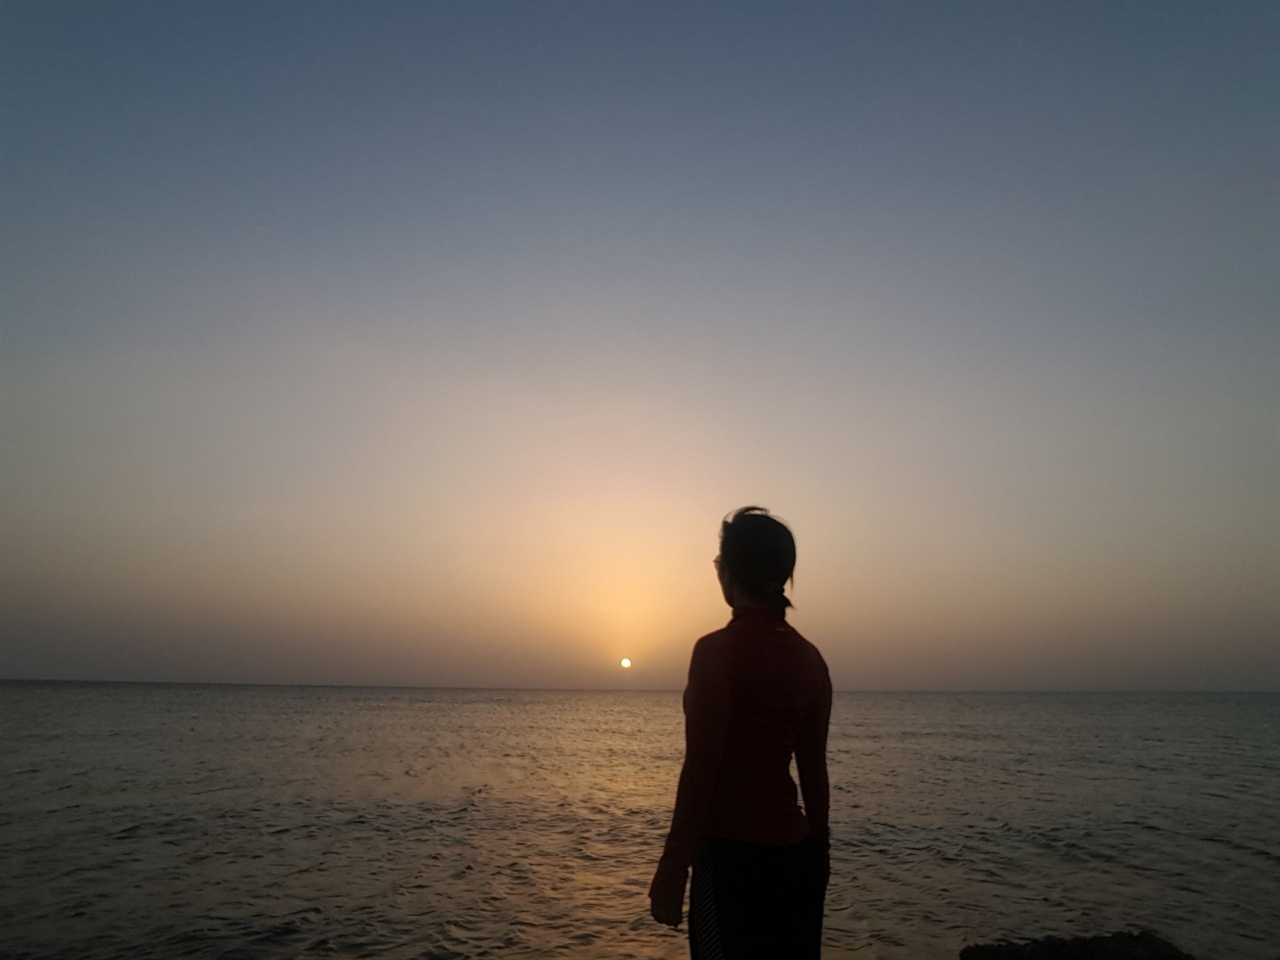 이집트 다합은 해안가가 아름답다. 아침마다 6km를 달리면서 일출을 보는 것이 큰 낙이었다.